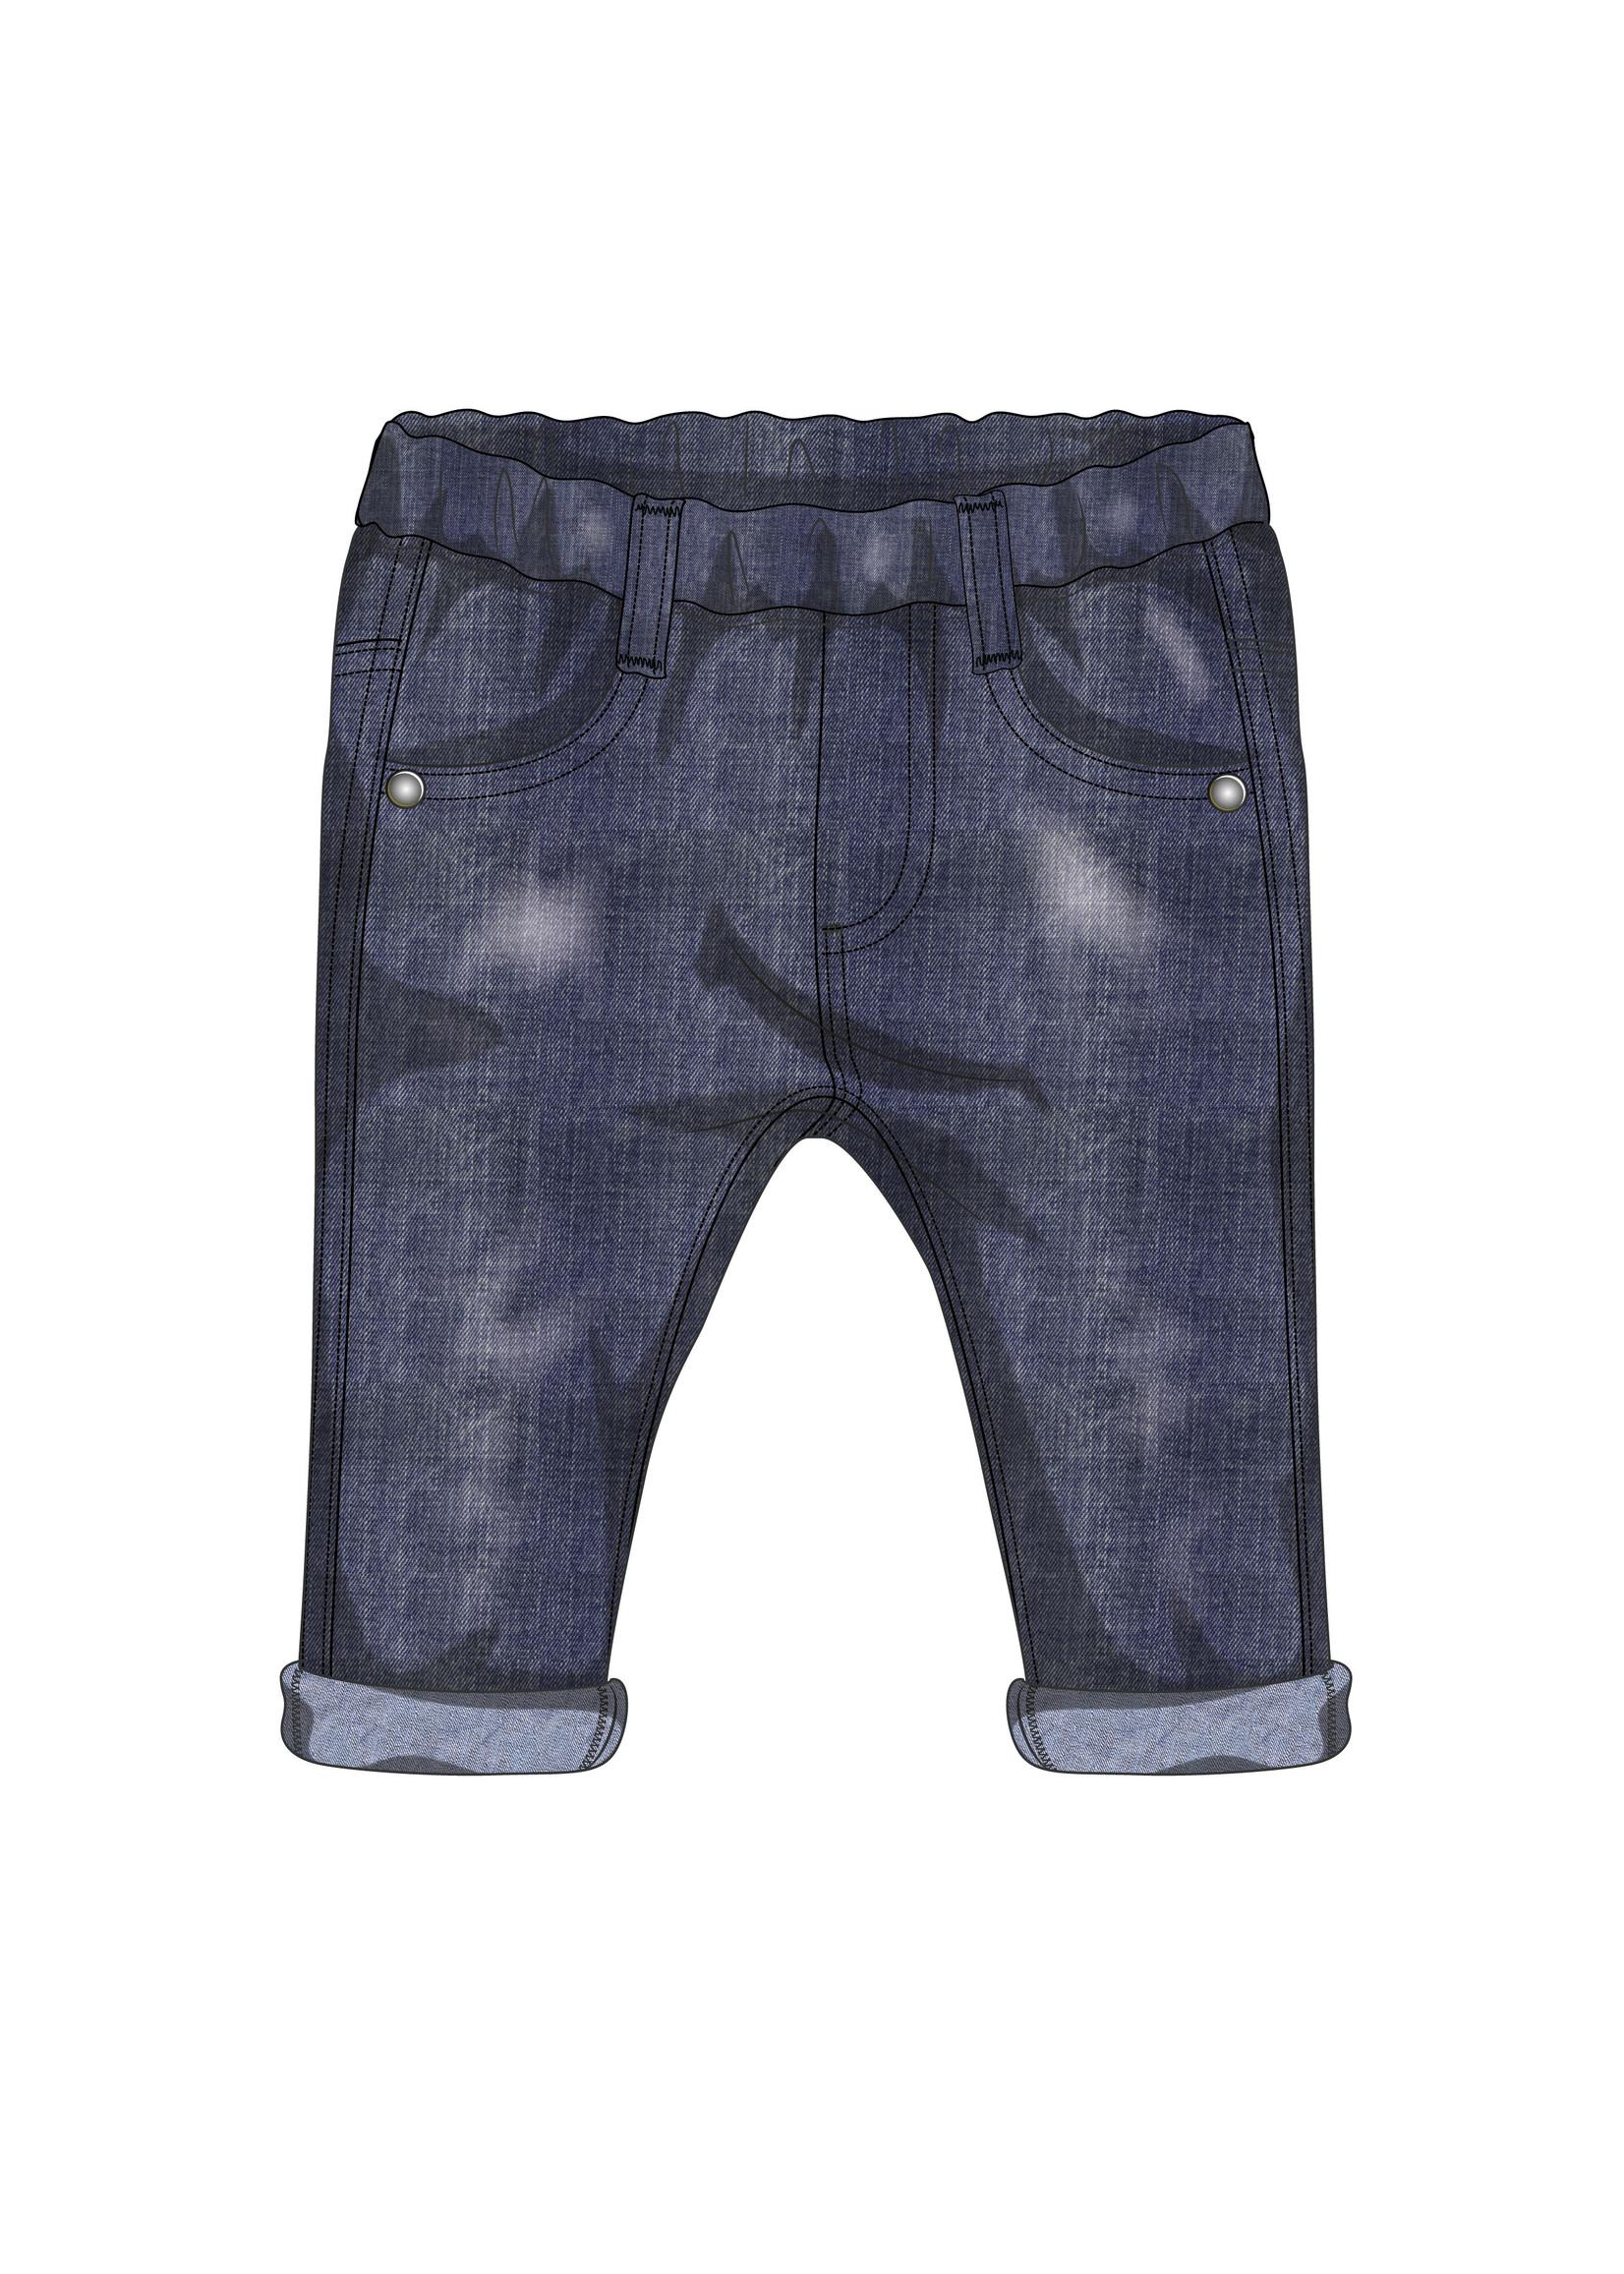 EMC EMC fleece trousers blue